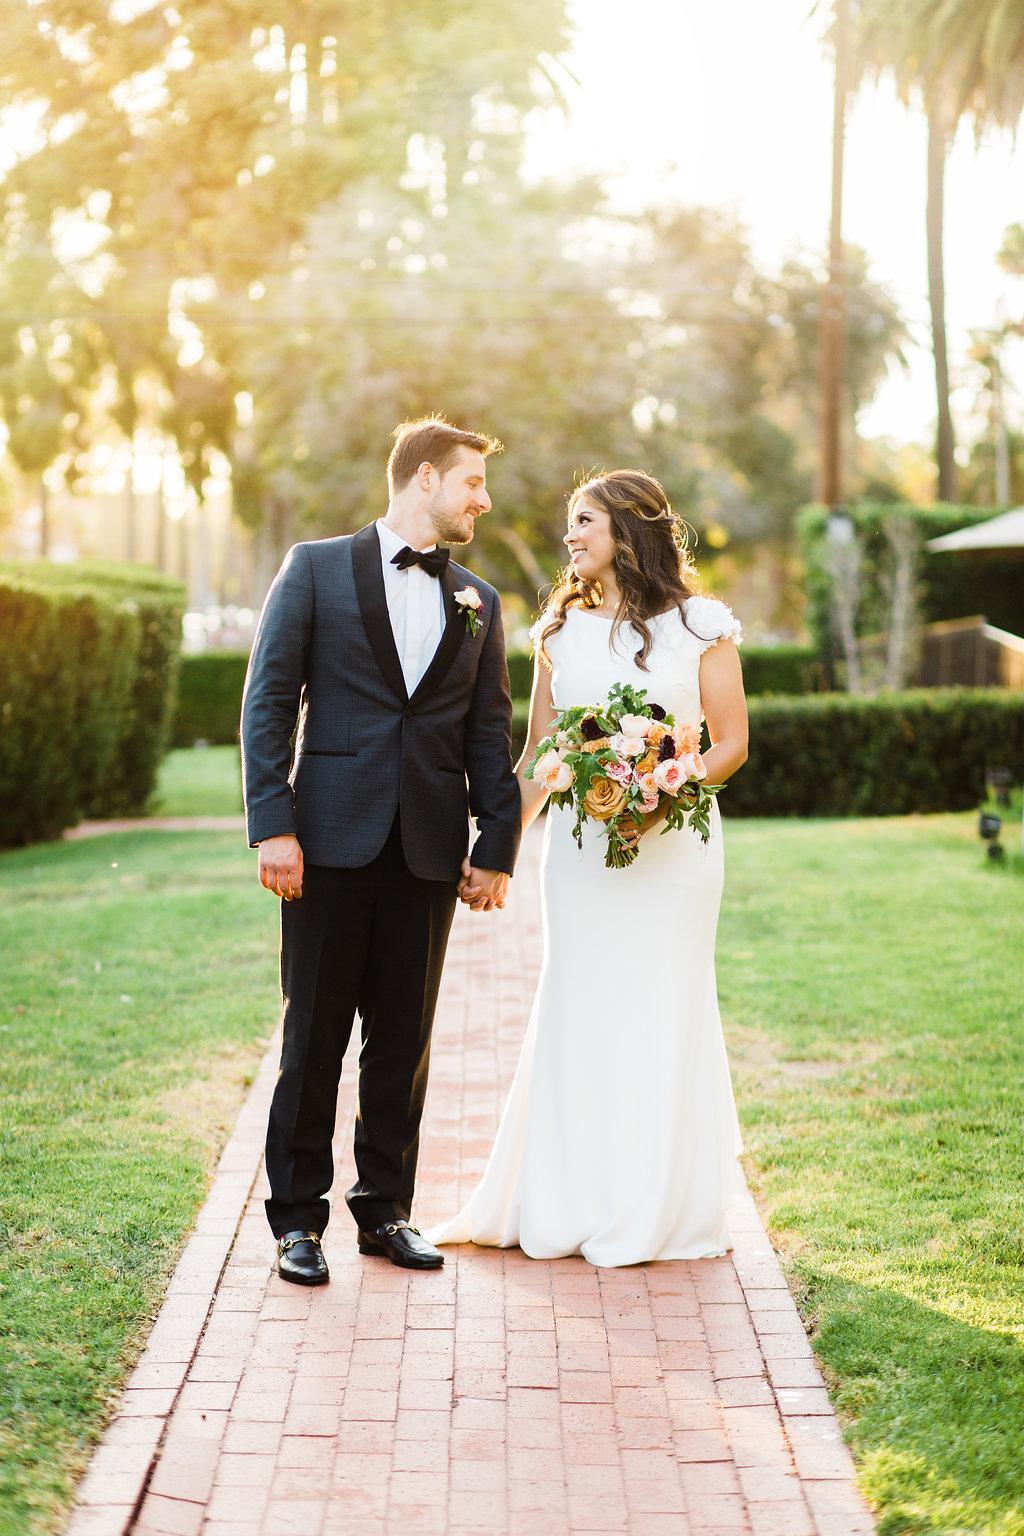 alegria-by-design-wedding-planner-planning-coordinator-day-of-month-event-design-santa-barbara-courthouse-garden-university-club-riviera-mansion-blue-bright (18).jpg